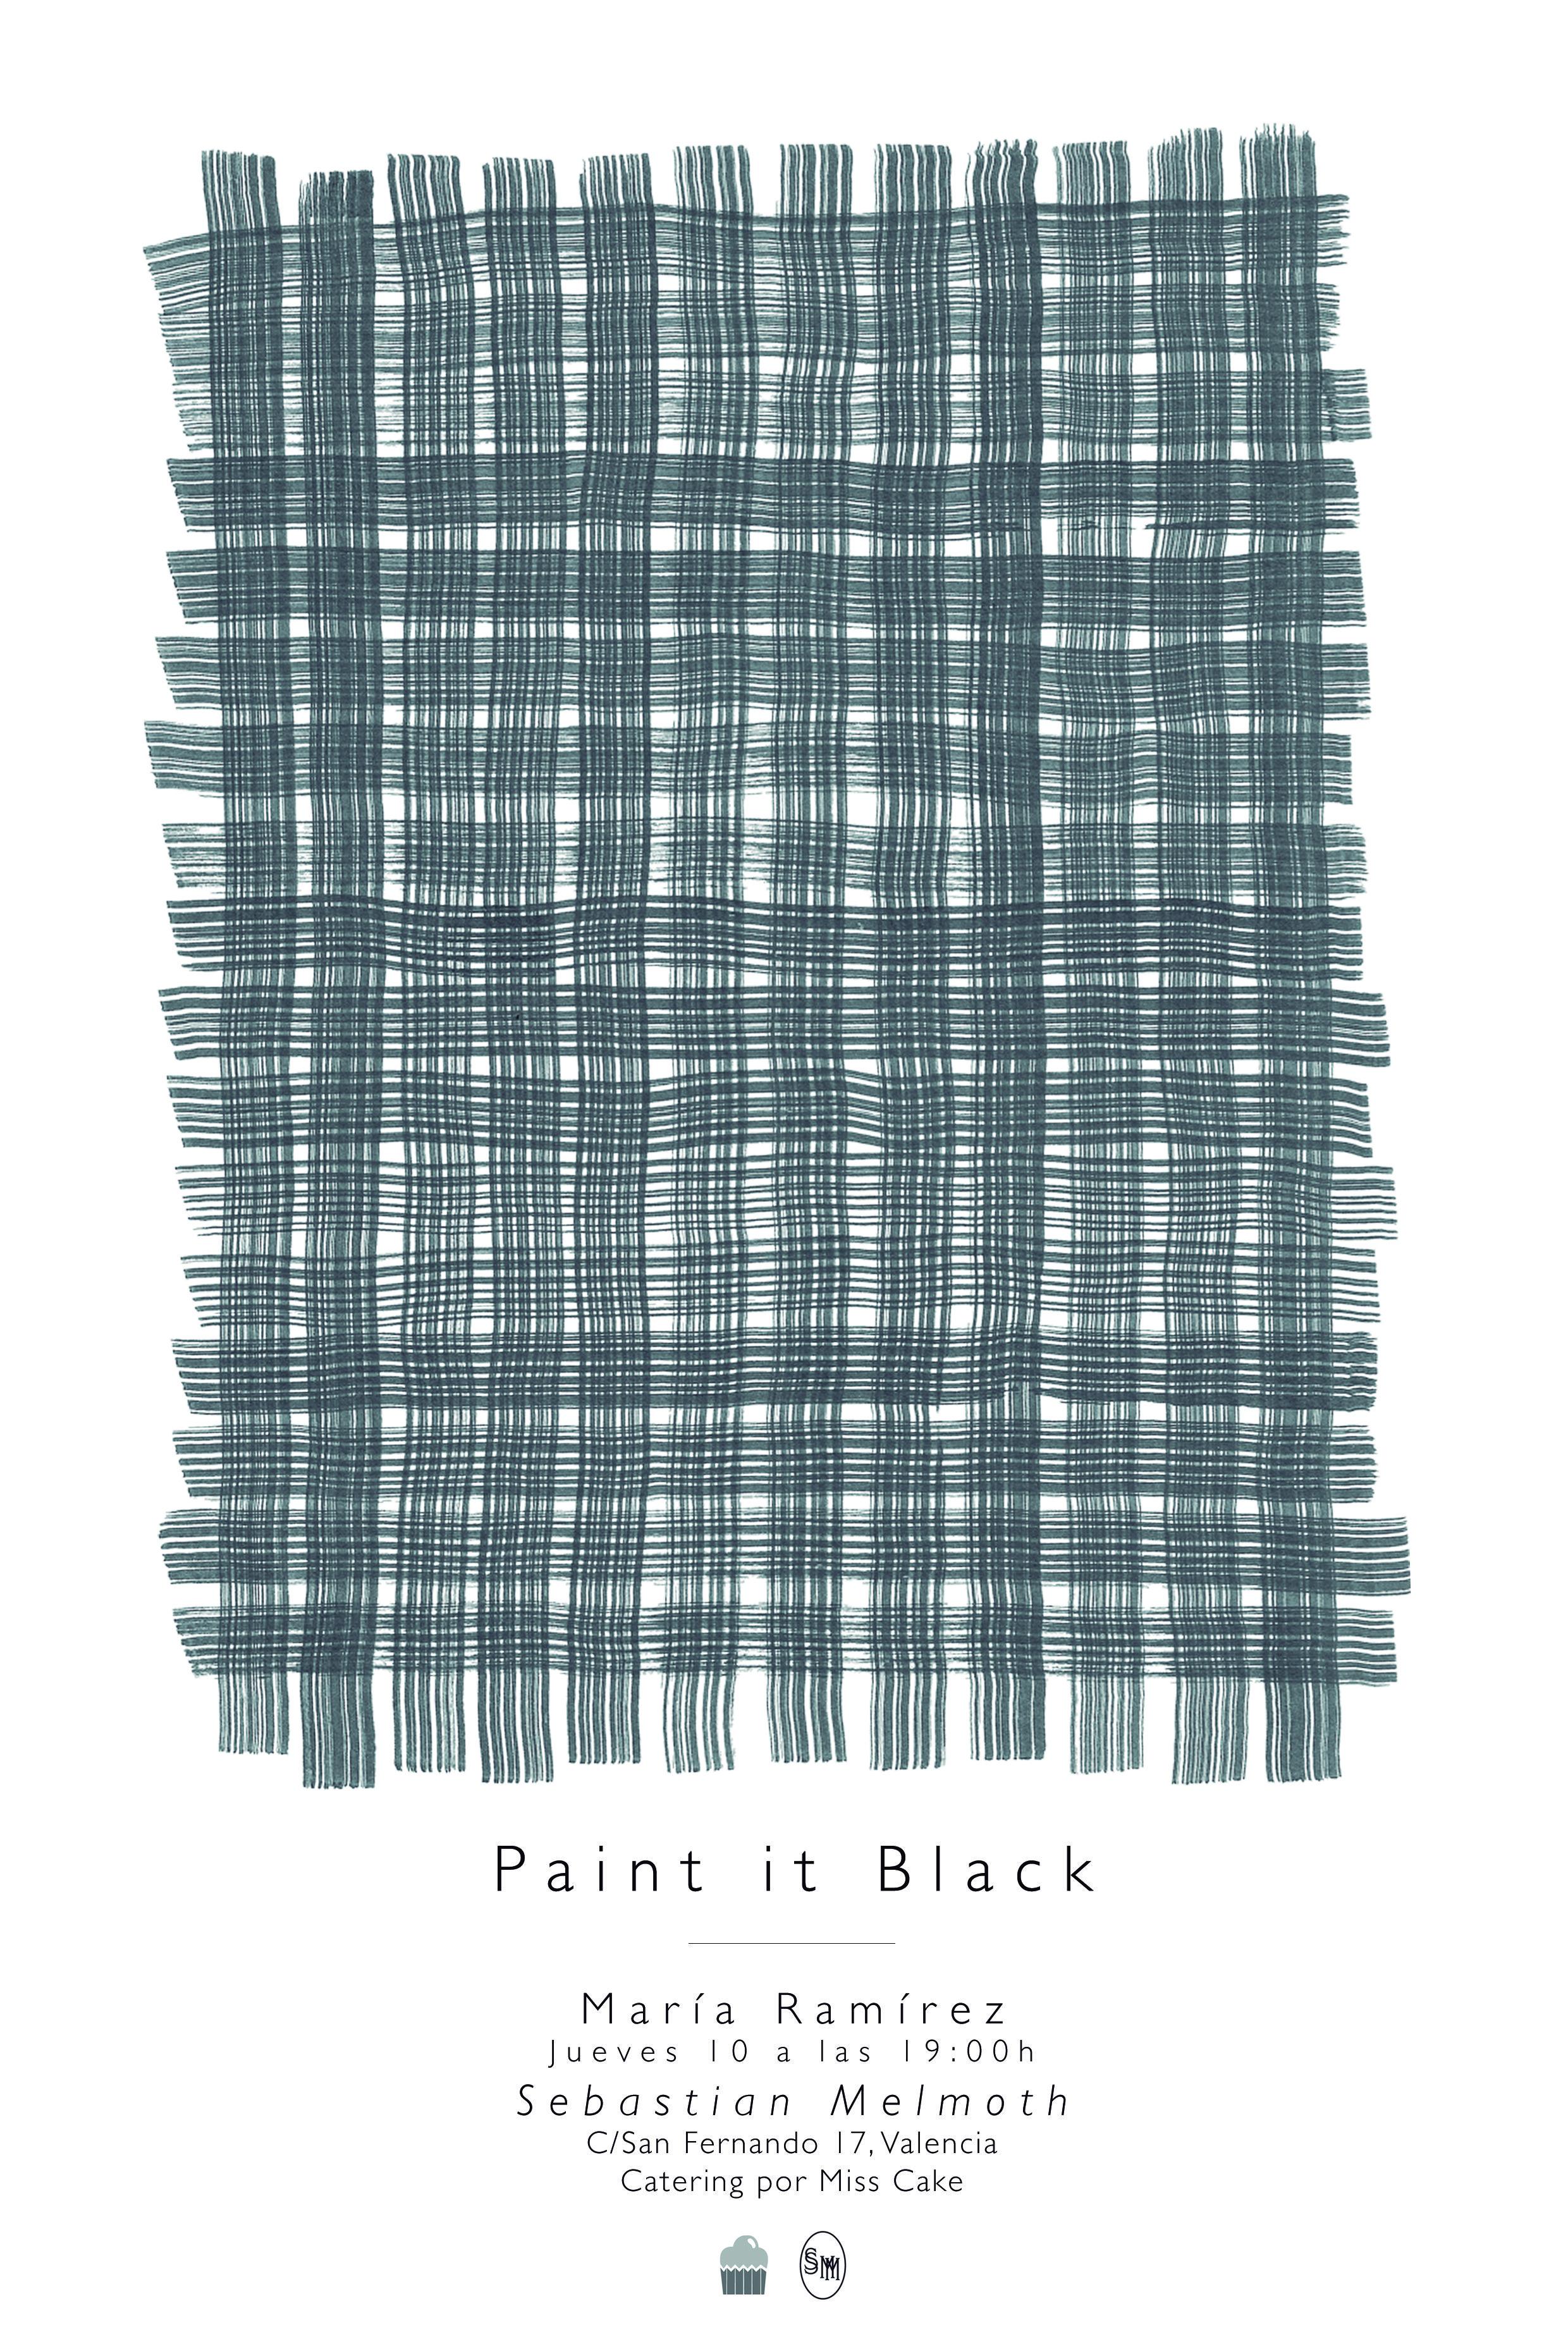 """""""Paint it Black"""" es una colección de dos estampados reproducidos en diferentes tamaños y soportes, el próximo jueves 10 de Julio podréis disfrutar de ella en el espacio Sebastian Melmoth ¡Estáis todos invitados! https://www.facebook.com/sebastianmelmothstore http://www.mariaramirez.net/Paint-it-Black"""